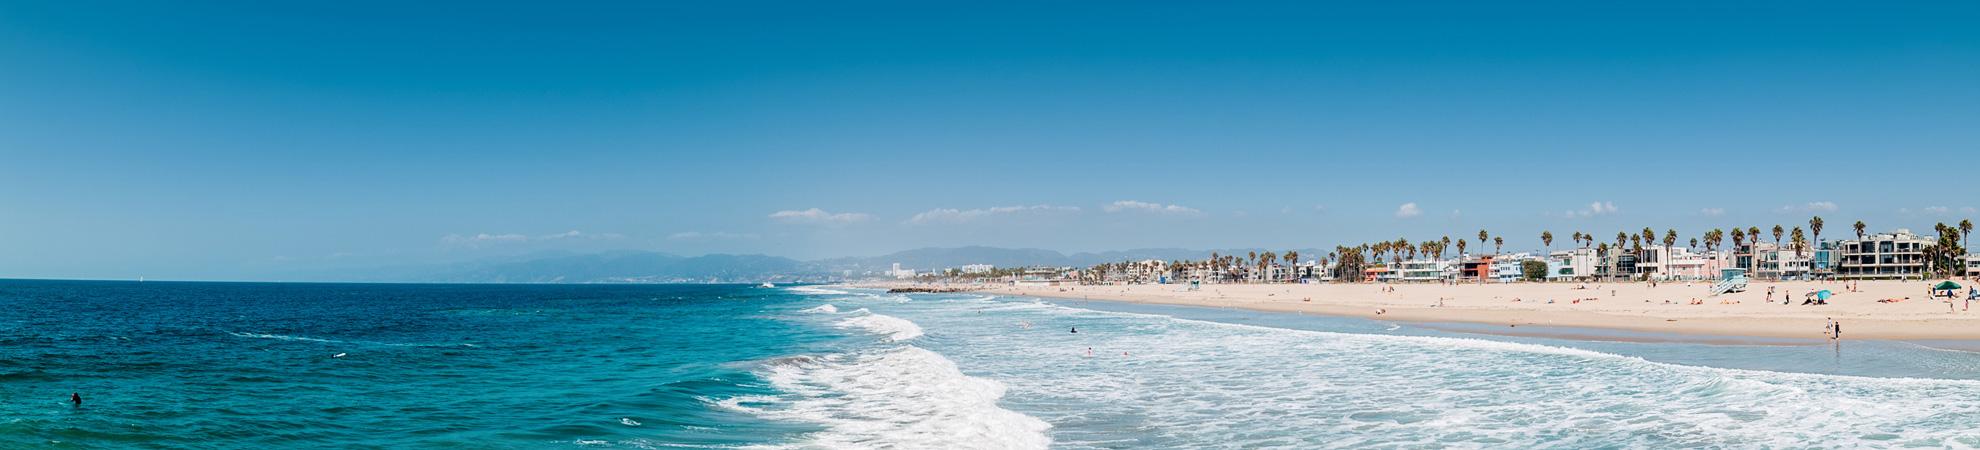 Combien coûte un voyage à Los Angeles